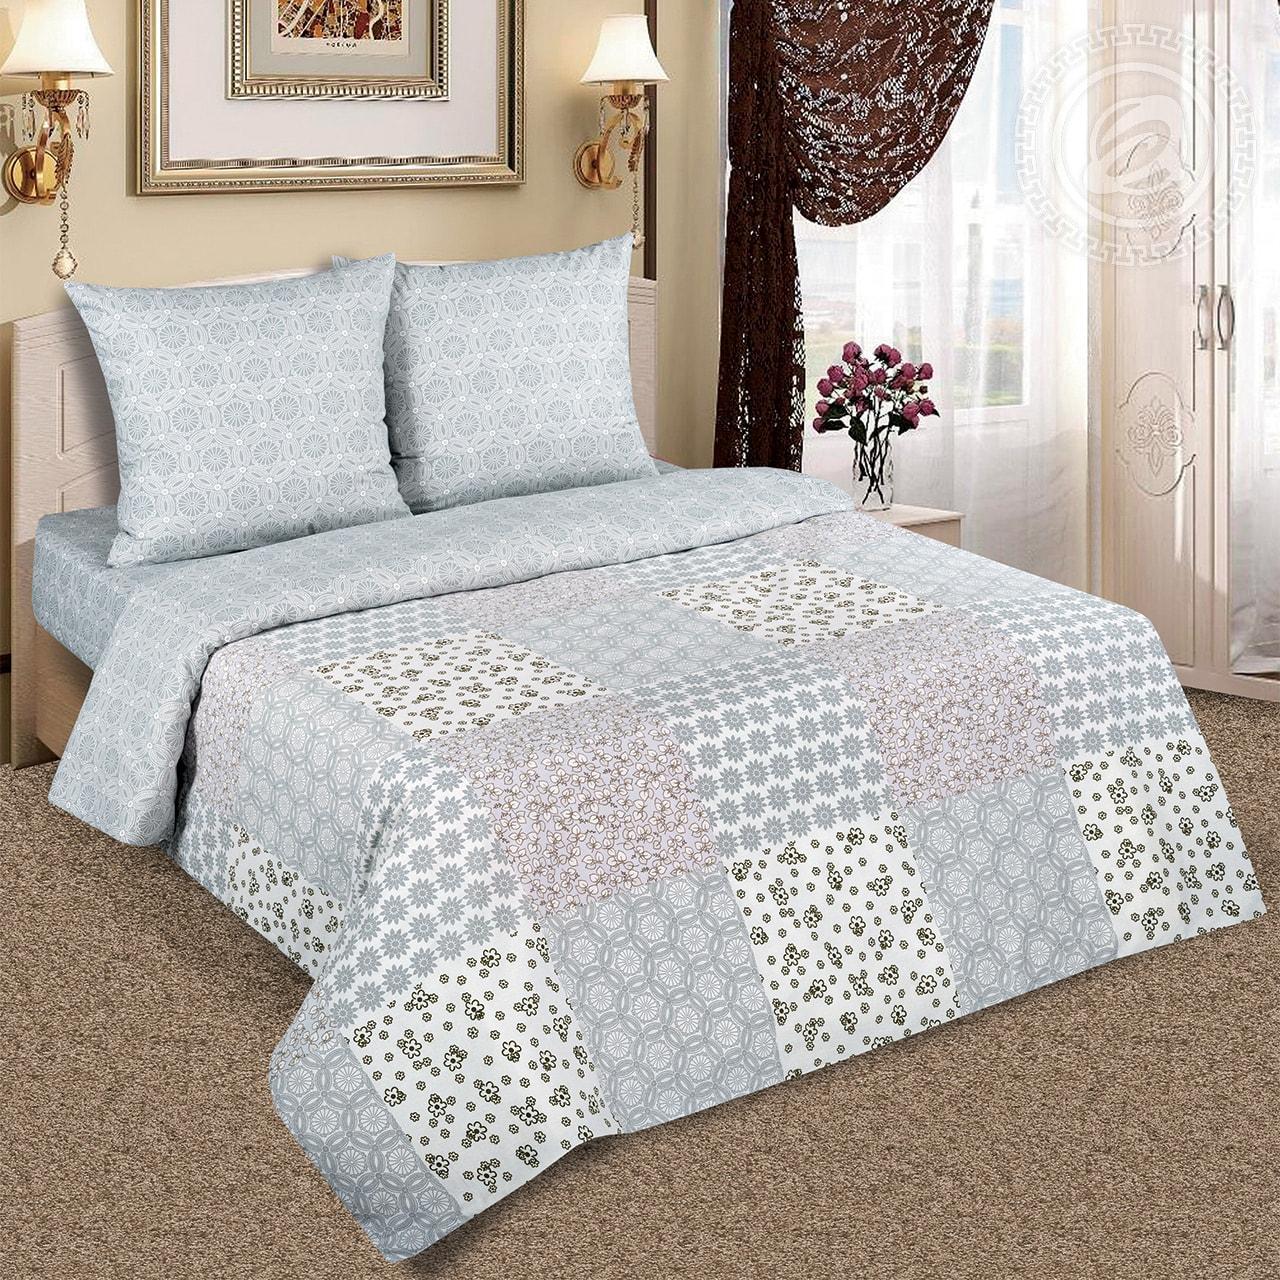 b2dfddd150a4 «Юдора» семейное (на резинке) постельное белье, ПОПЛИН, Арт Дизайн. «